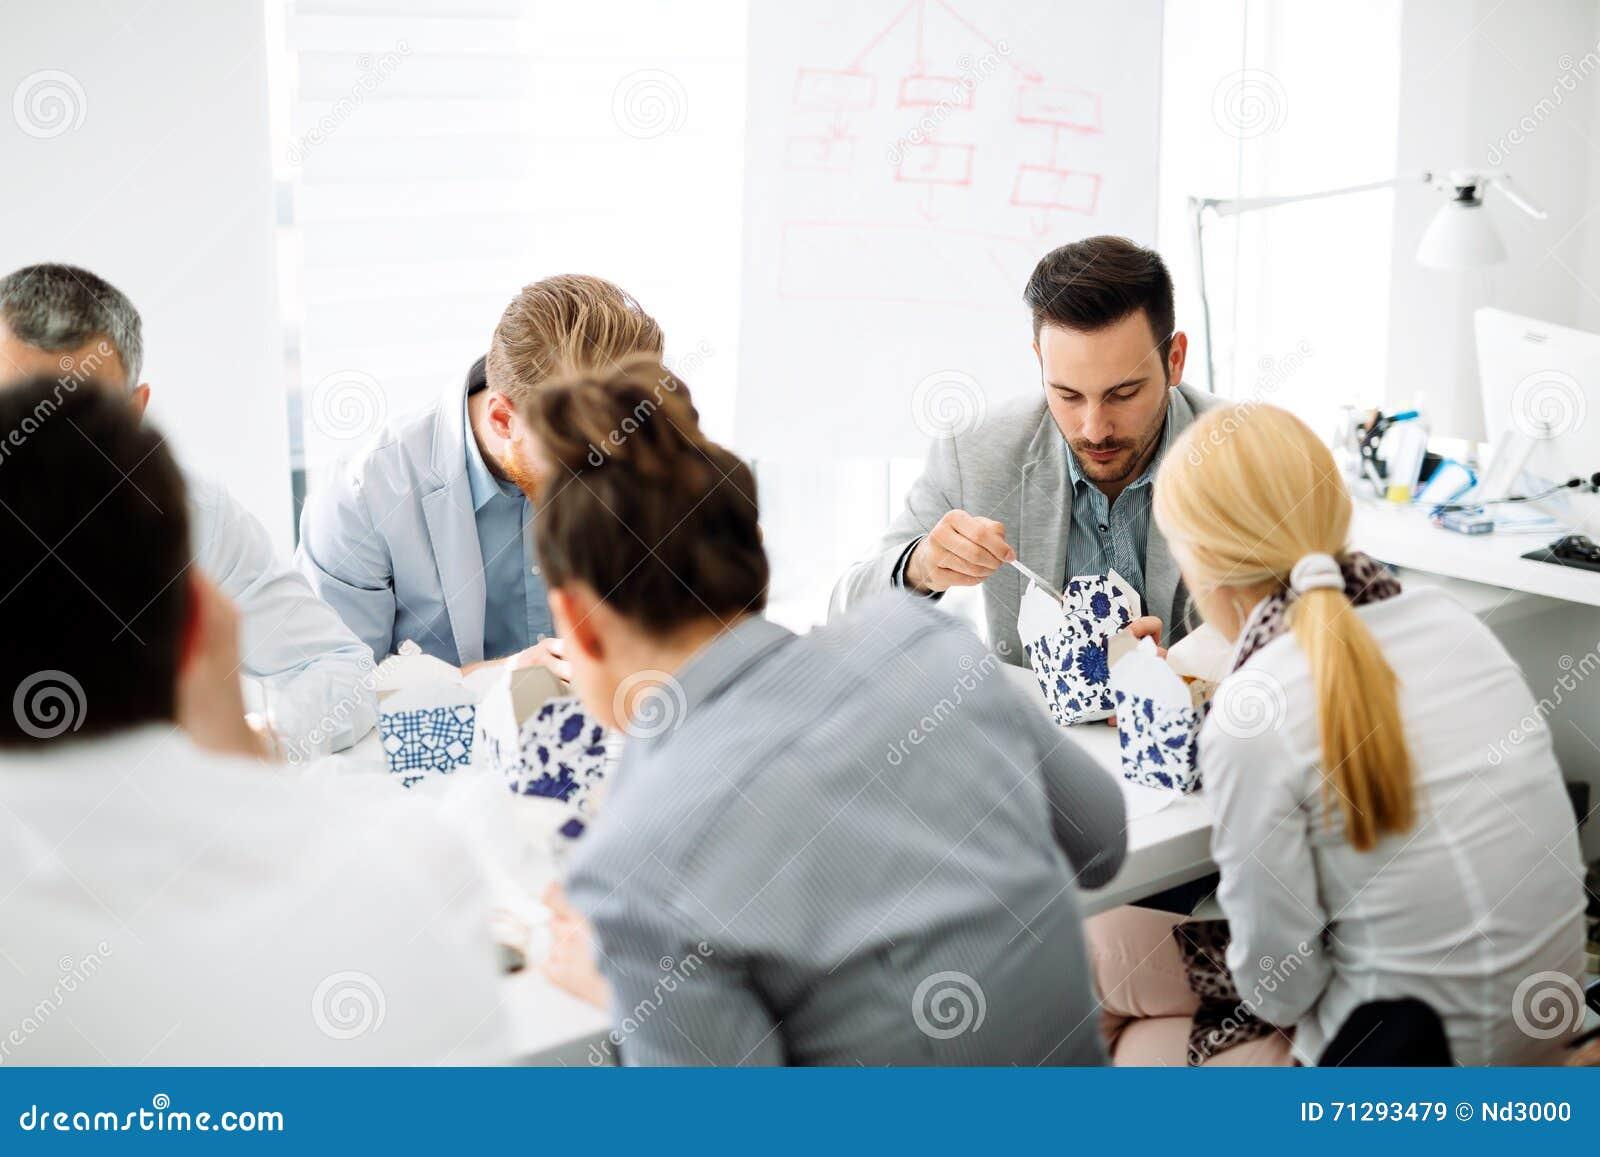 Kollegen Die Im Buro Essen Stockbild Bild Von Kaukasisch Sitzung